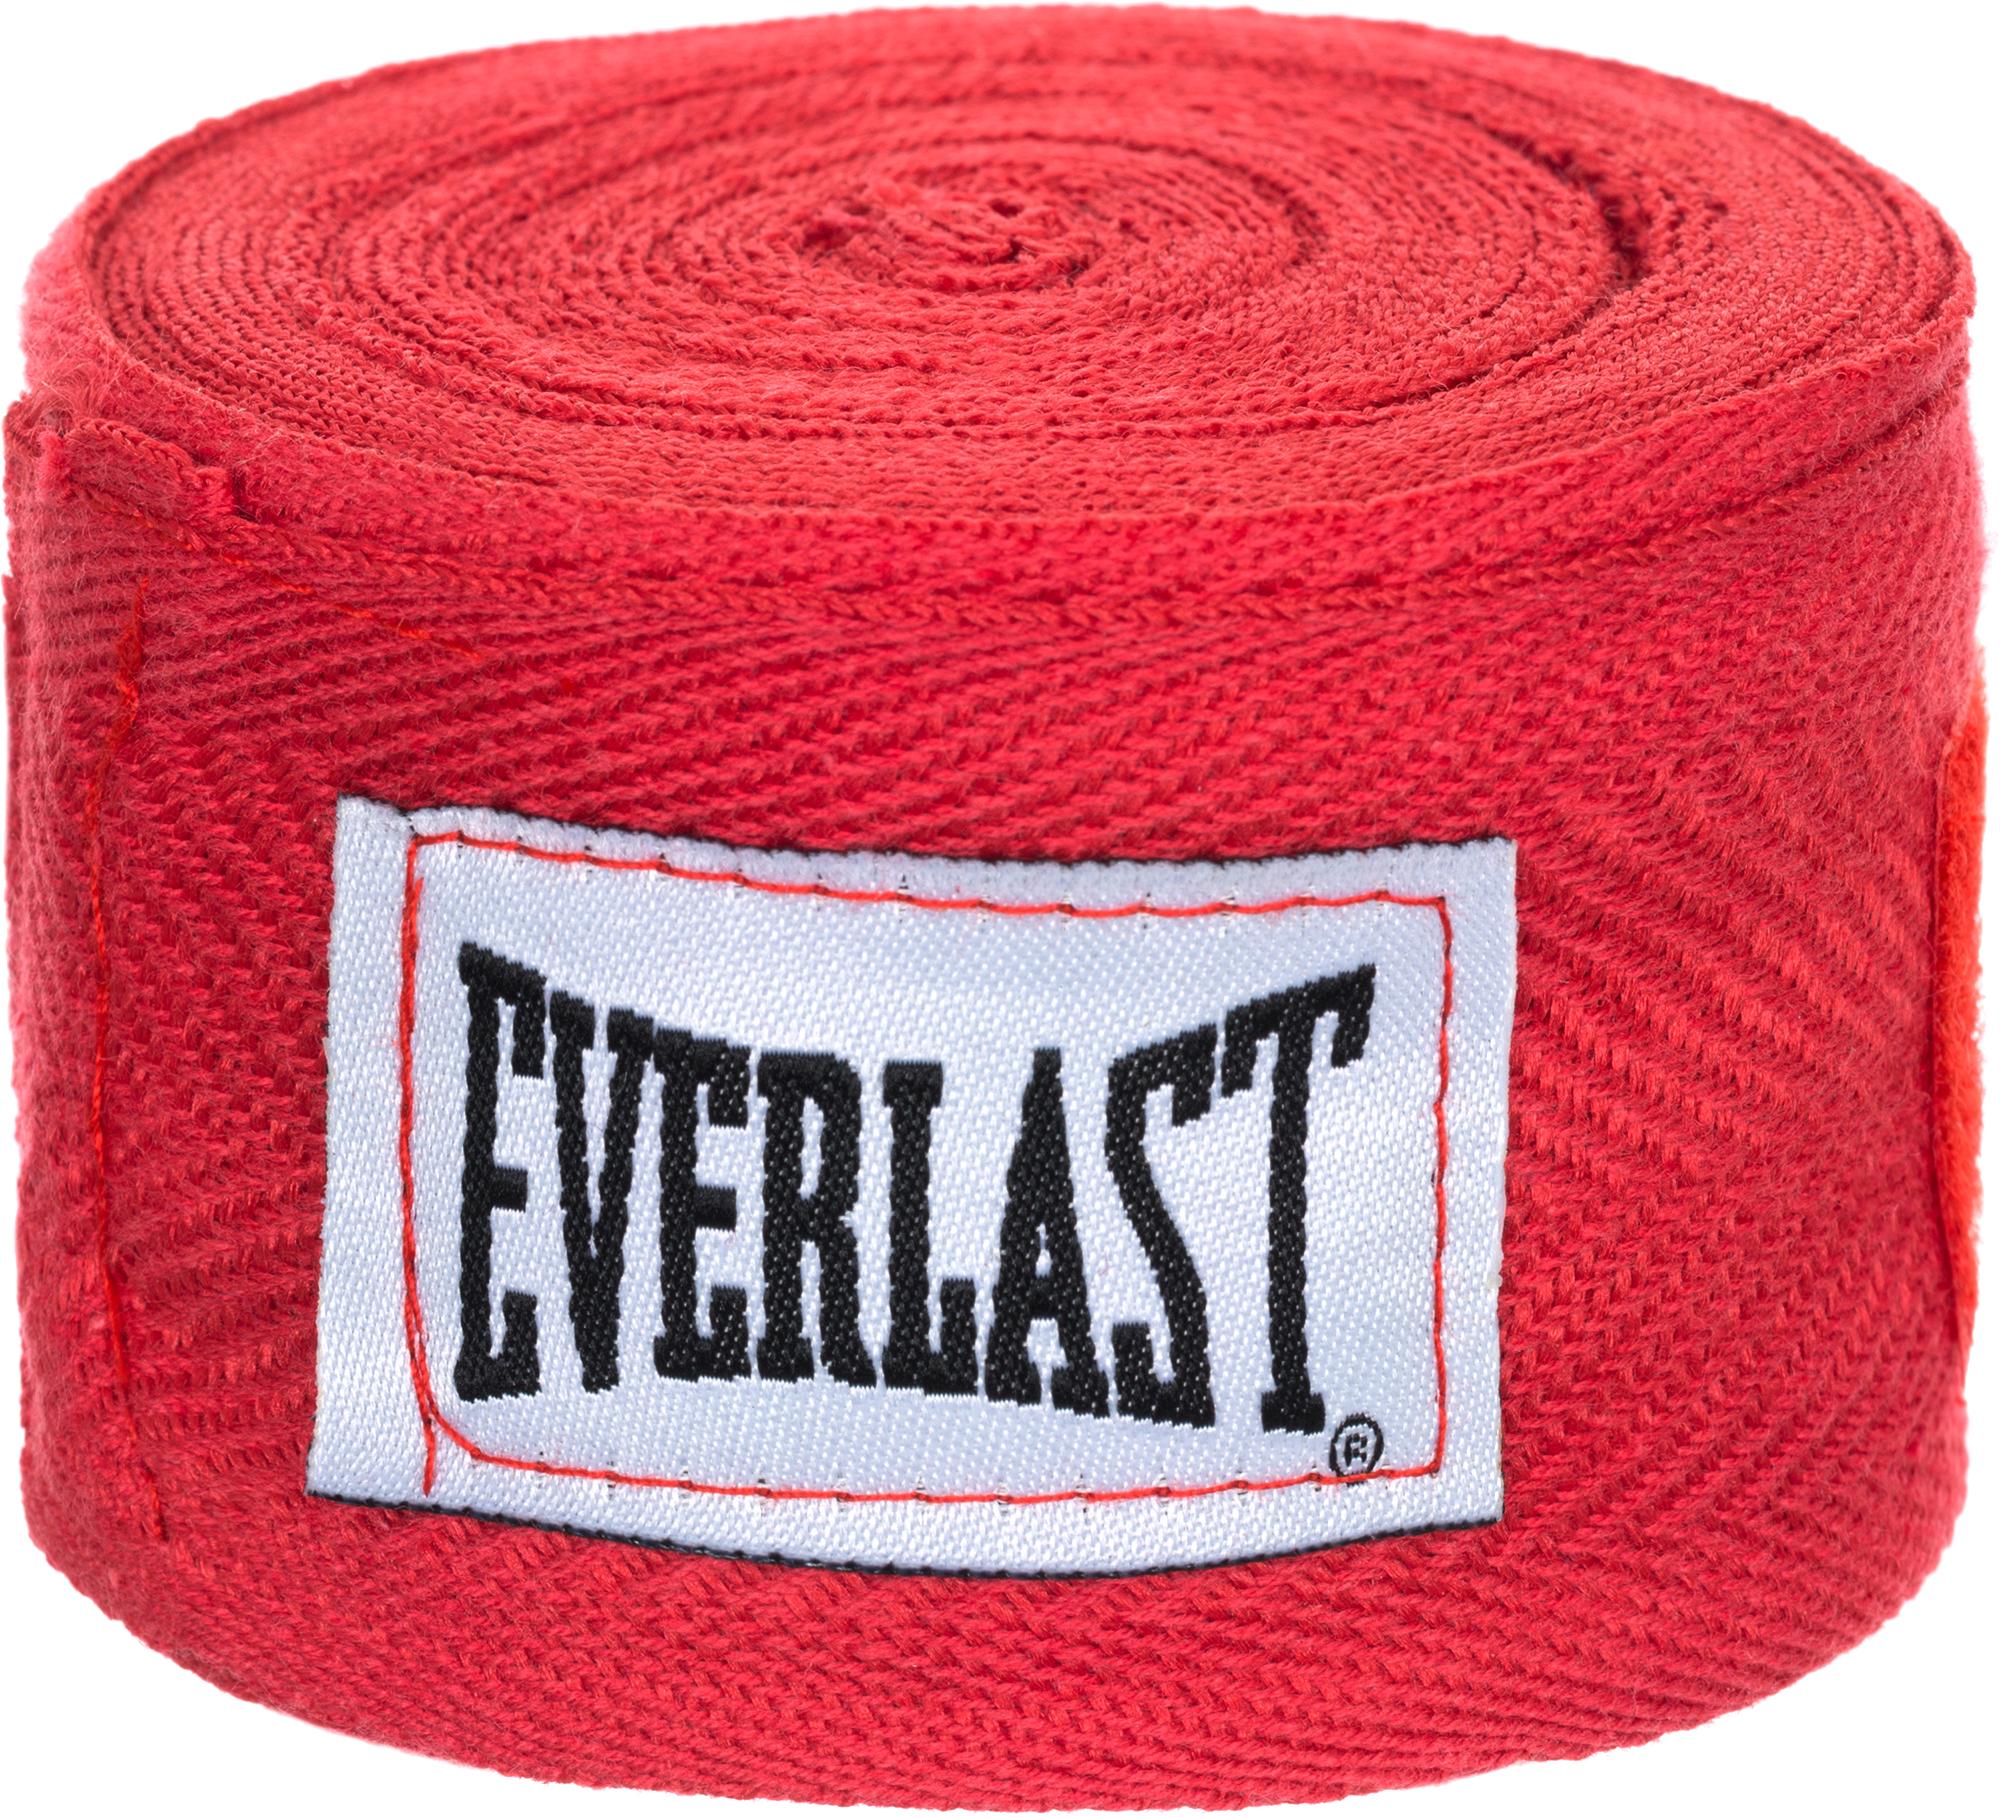 Everlast Бинты Everlast 3,5 м, 2 шт.